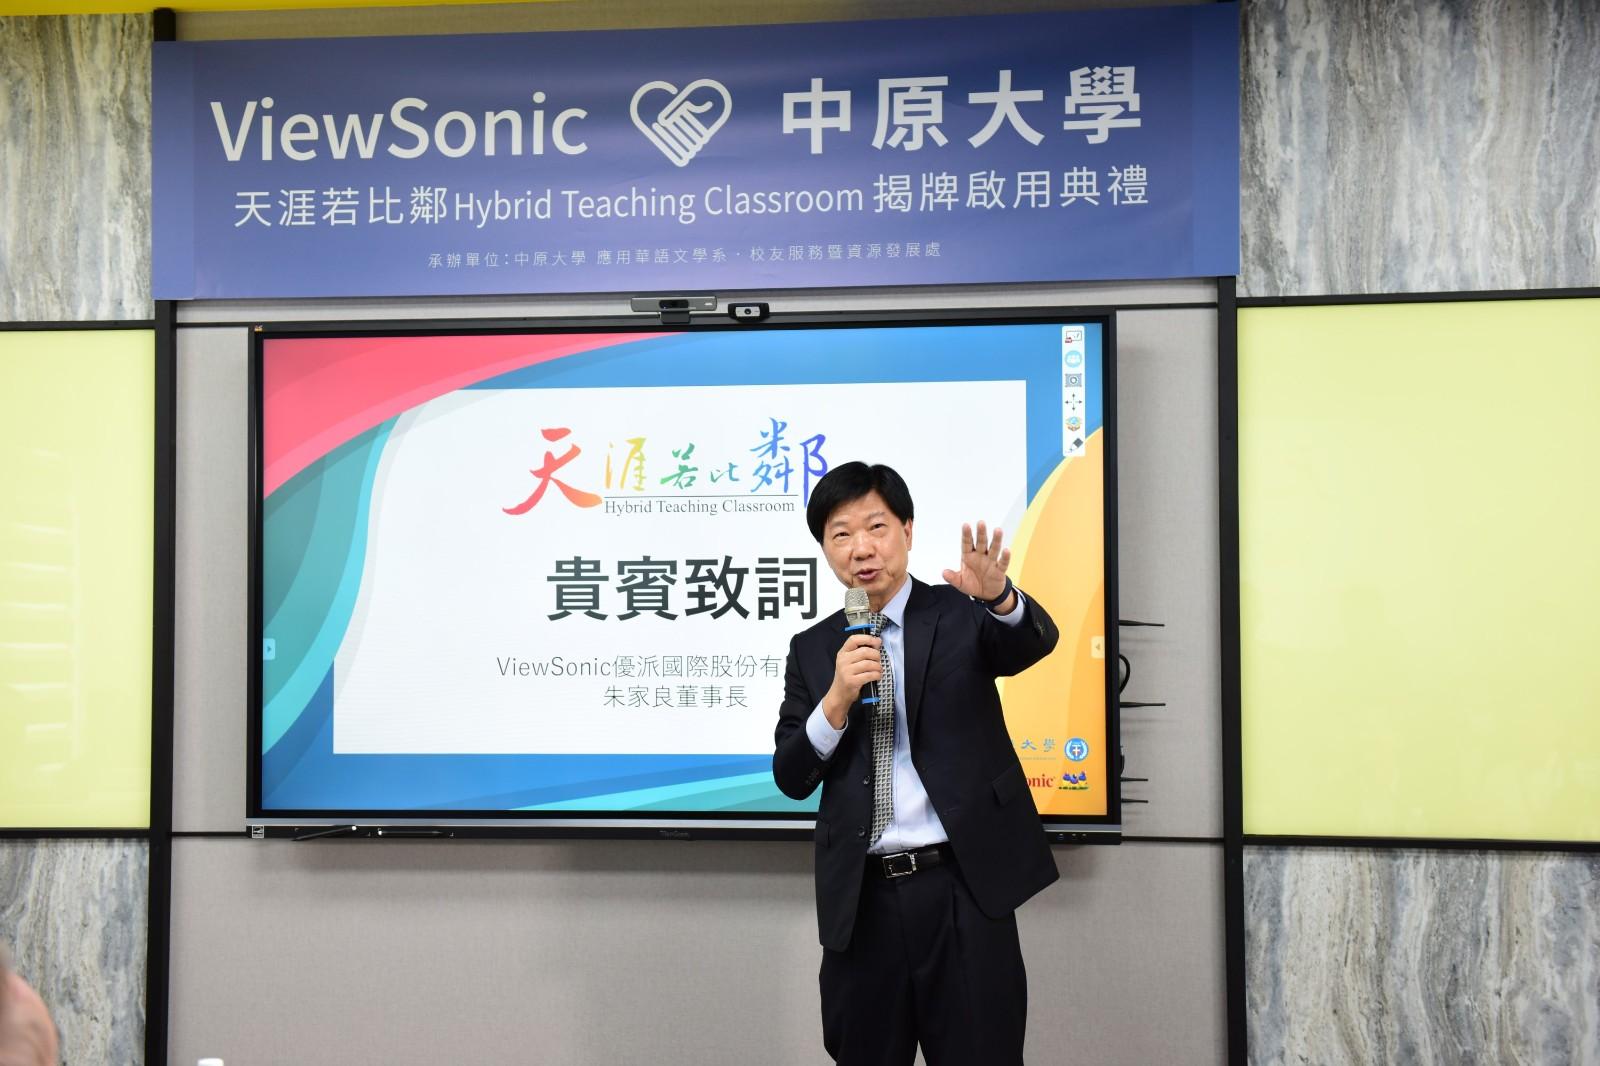 ViewSonic董事長朱家良期許與中原大學的合作模式,能協助全球師生因應教學新挑戰。.jpg